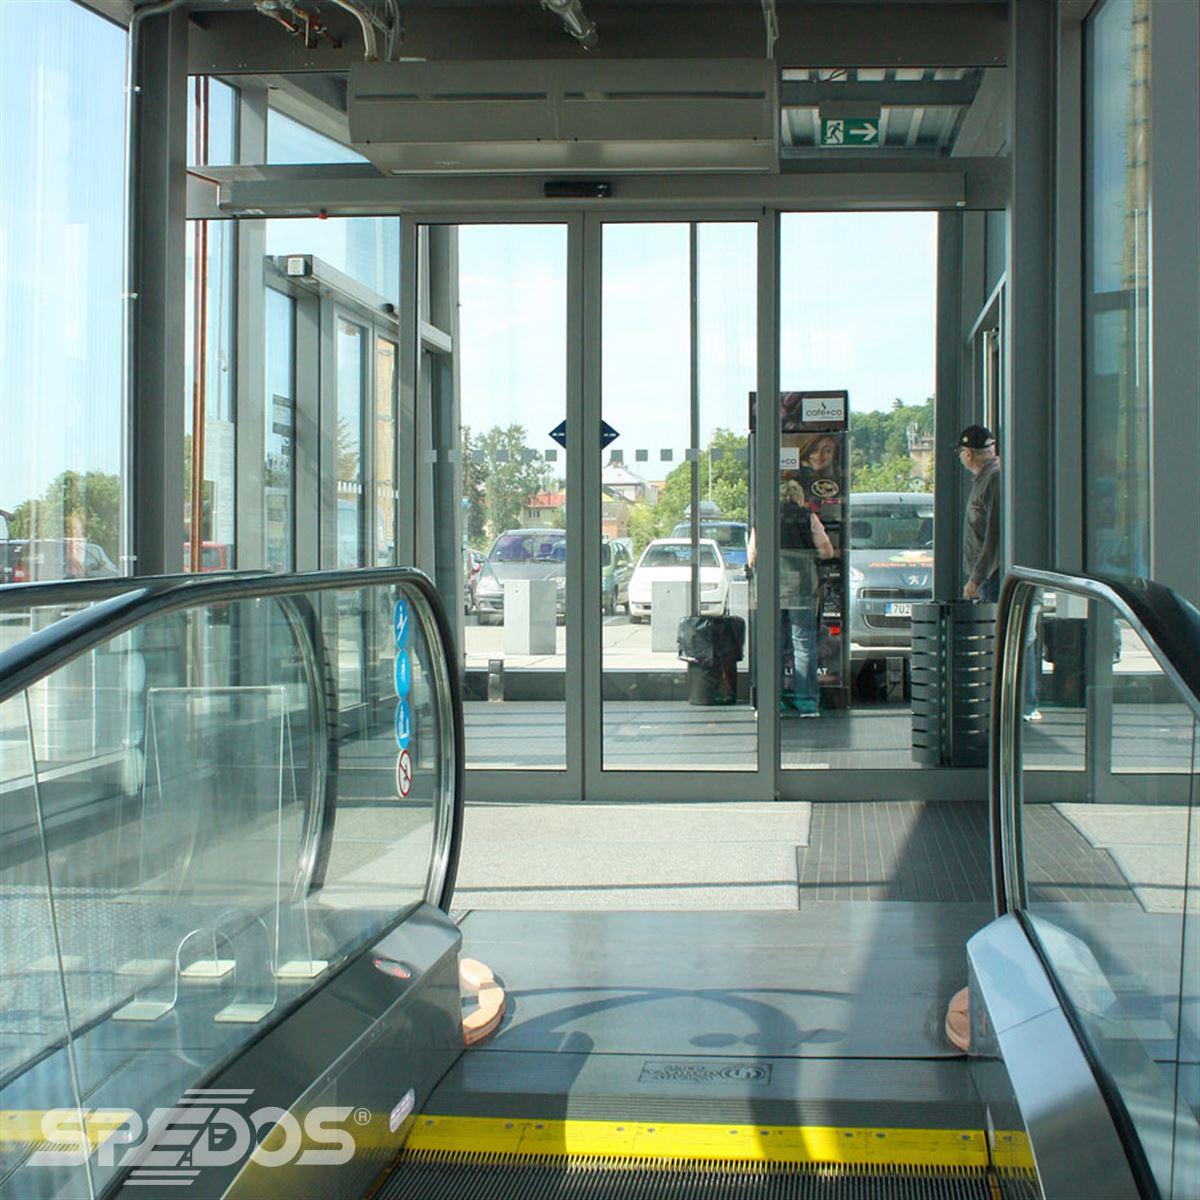 Dvoukřídlé automatické dveře před parkovištěm